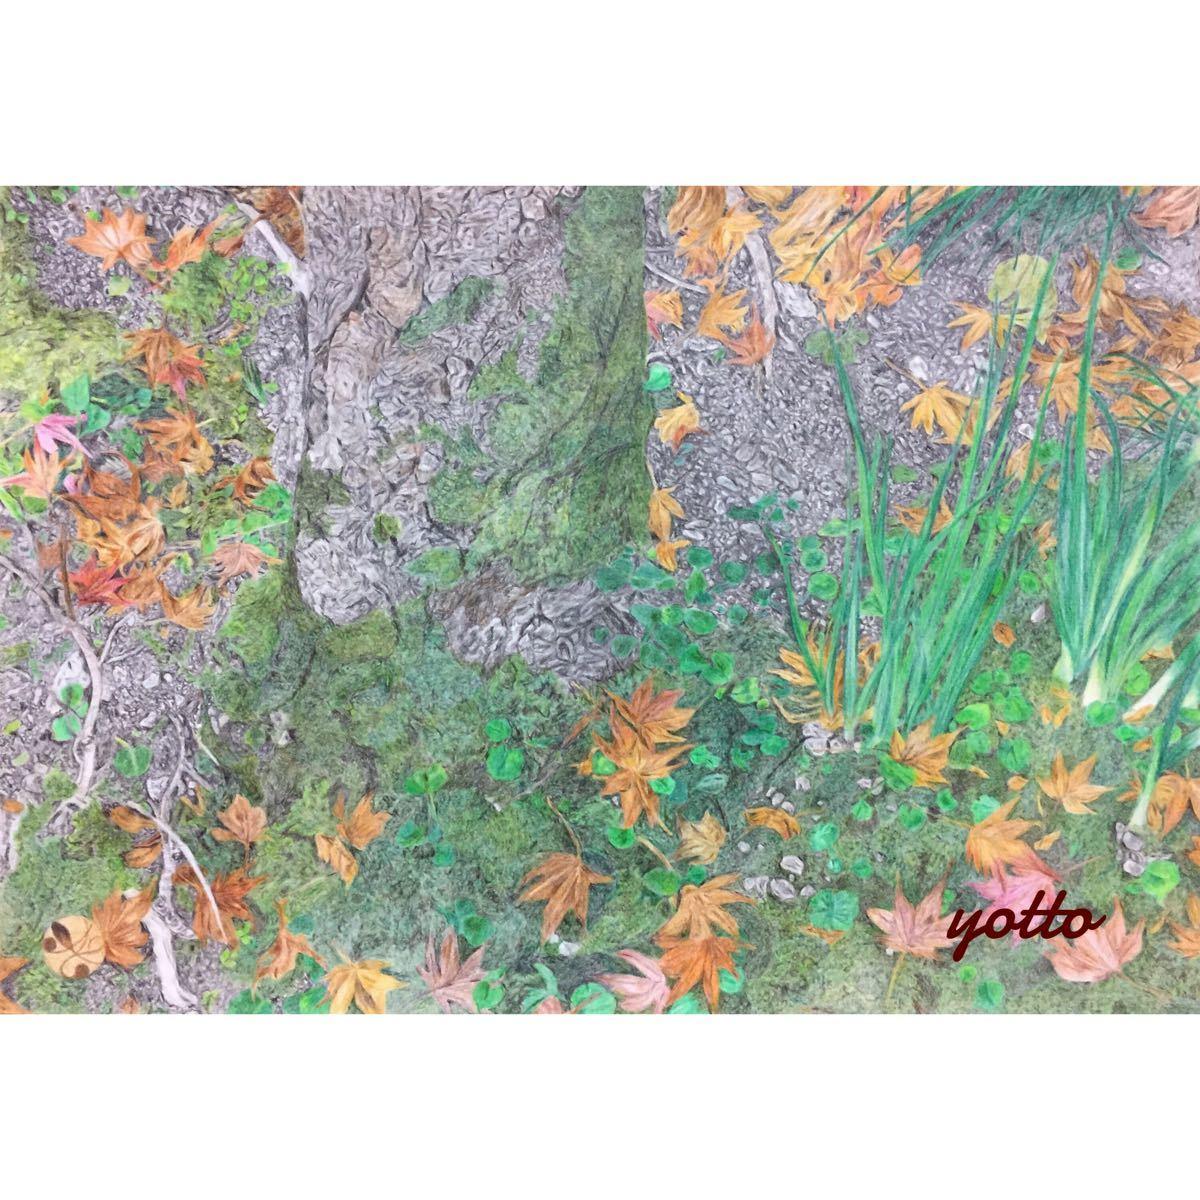 色鉛筆画・3部作「 銘 」「 盃 」「 結 」B4・額付き◇◆手描き◇原画◆風景画◇◆yotto_画像1